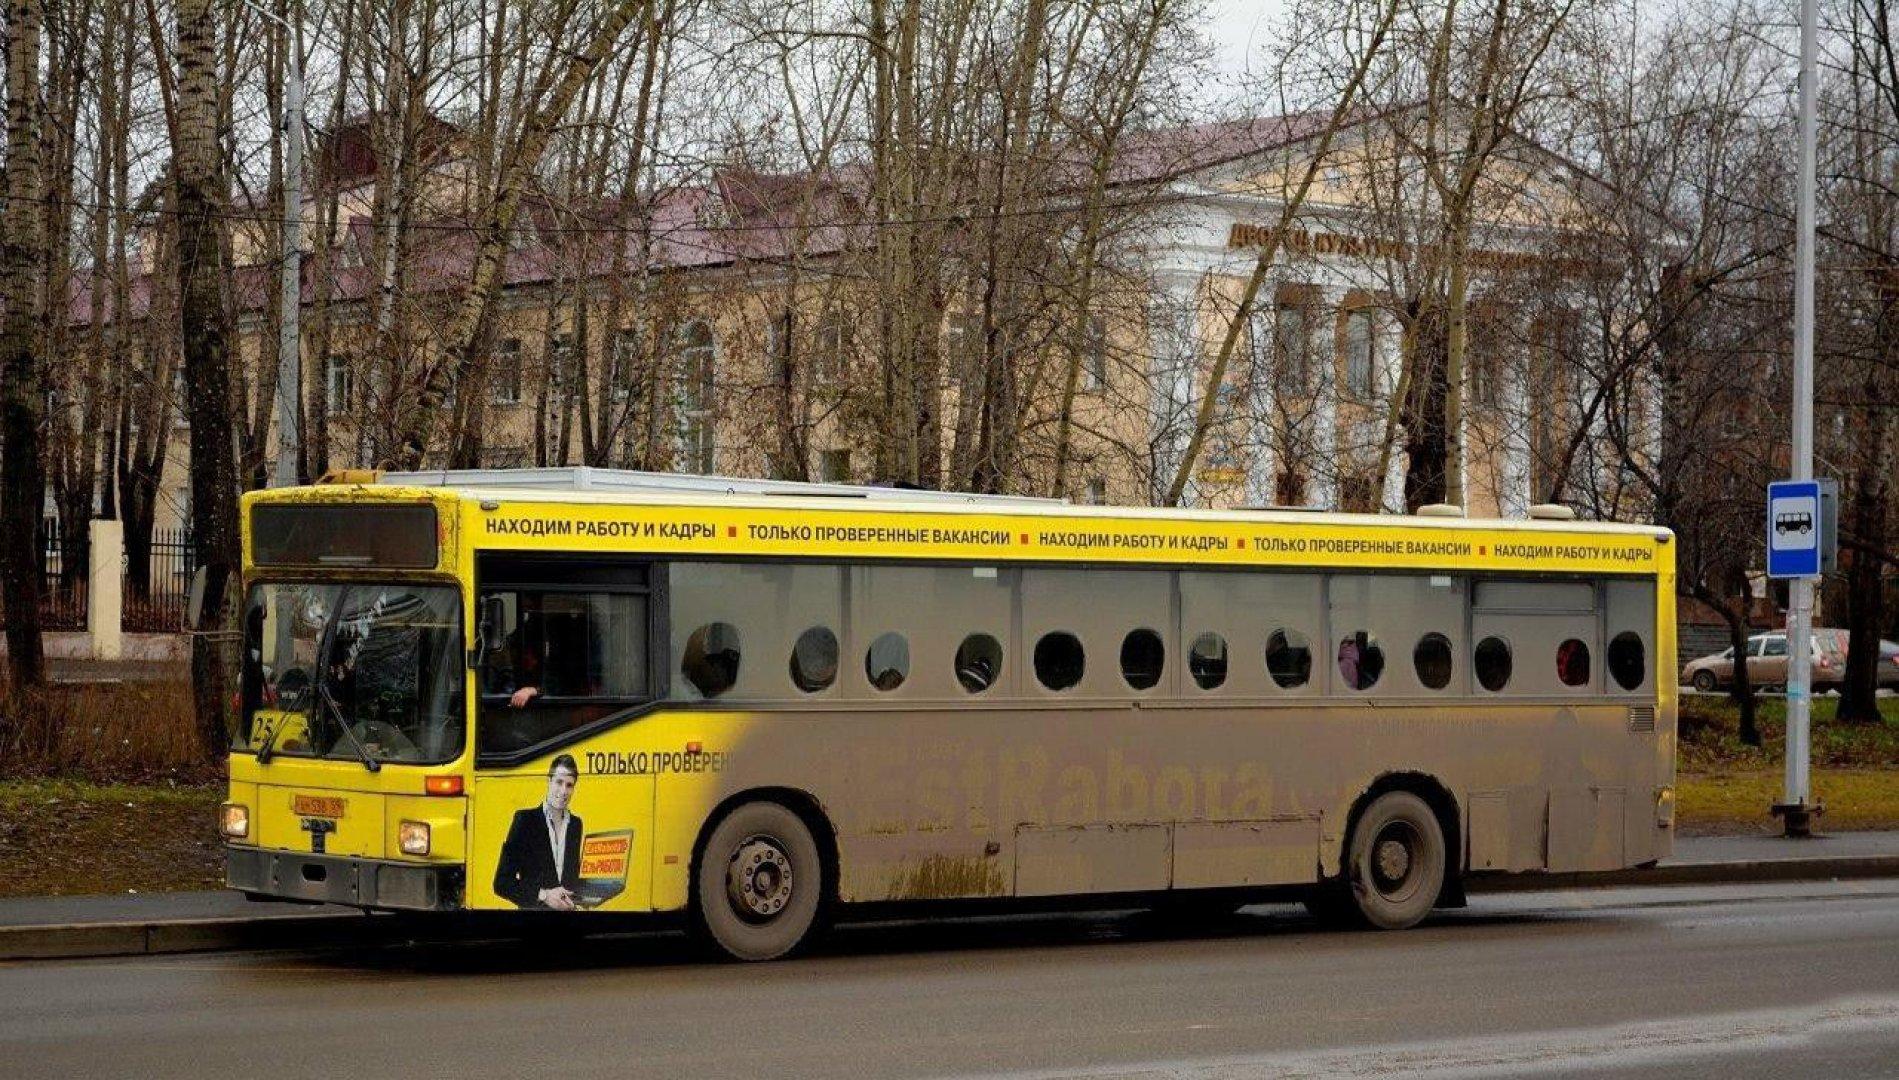 Прикольные картинки на транспорте, картинки турчинова как